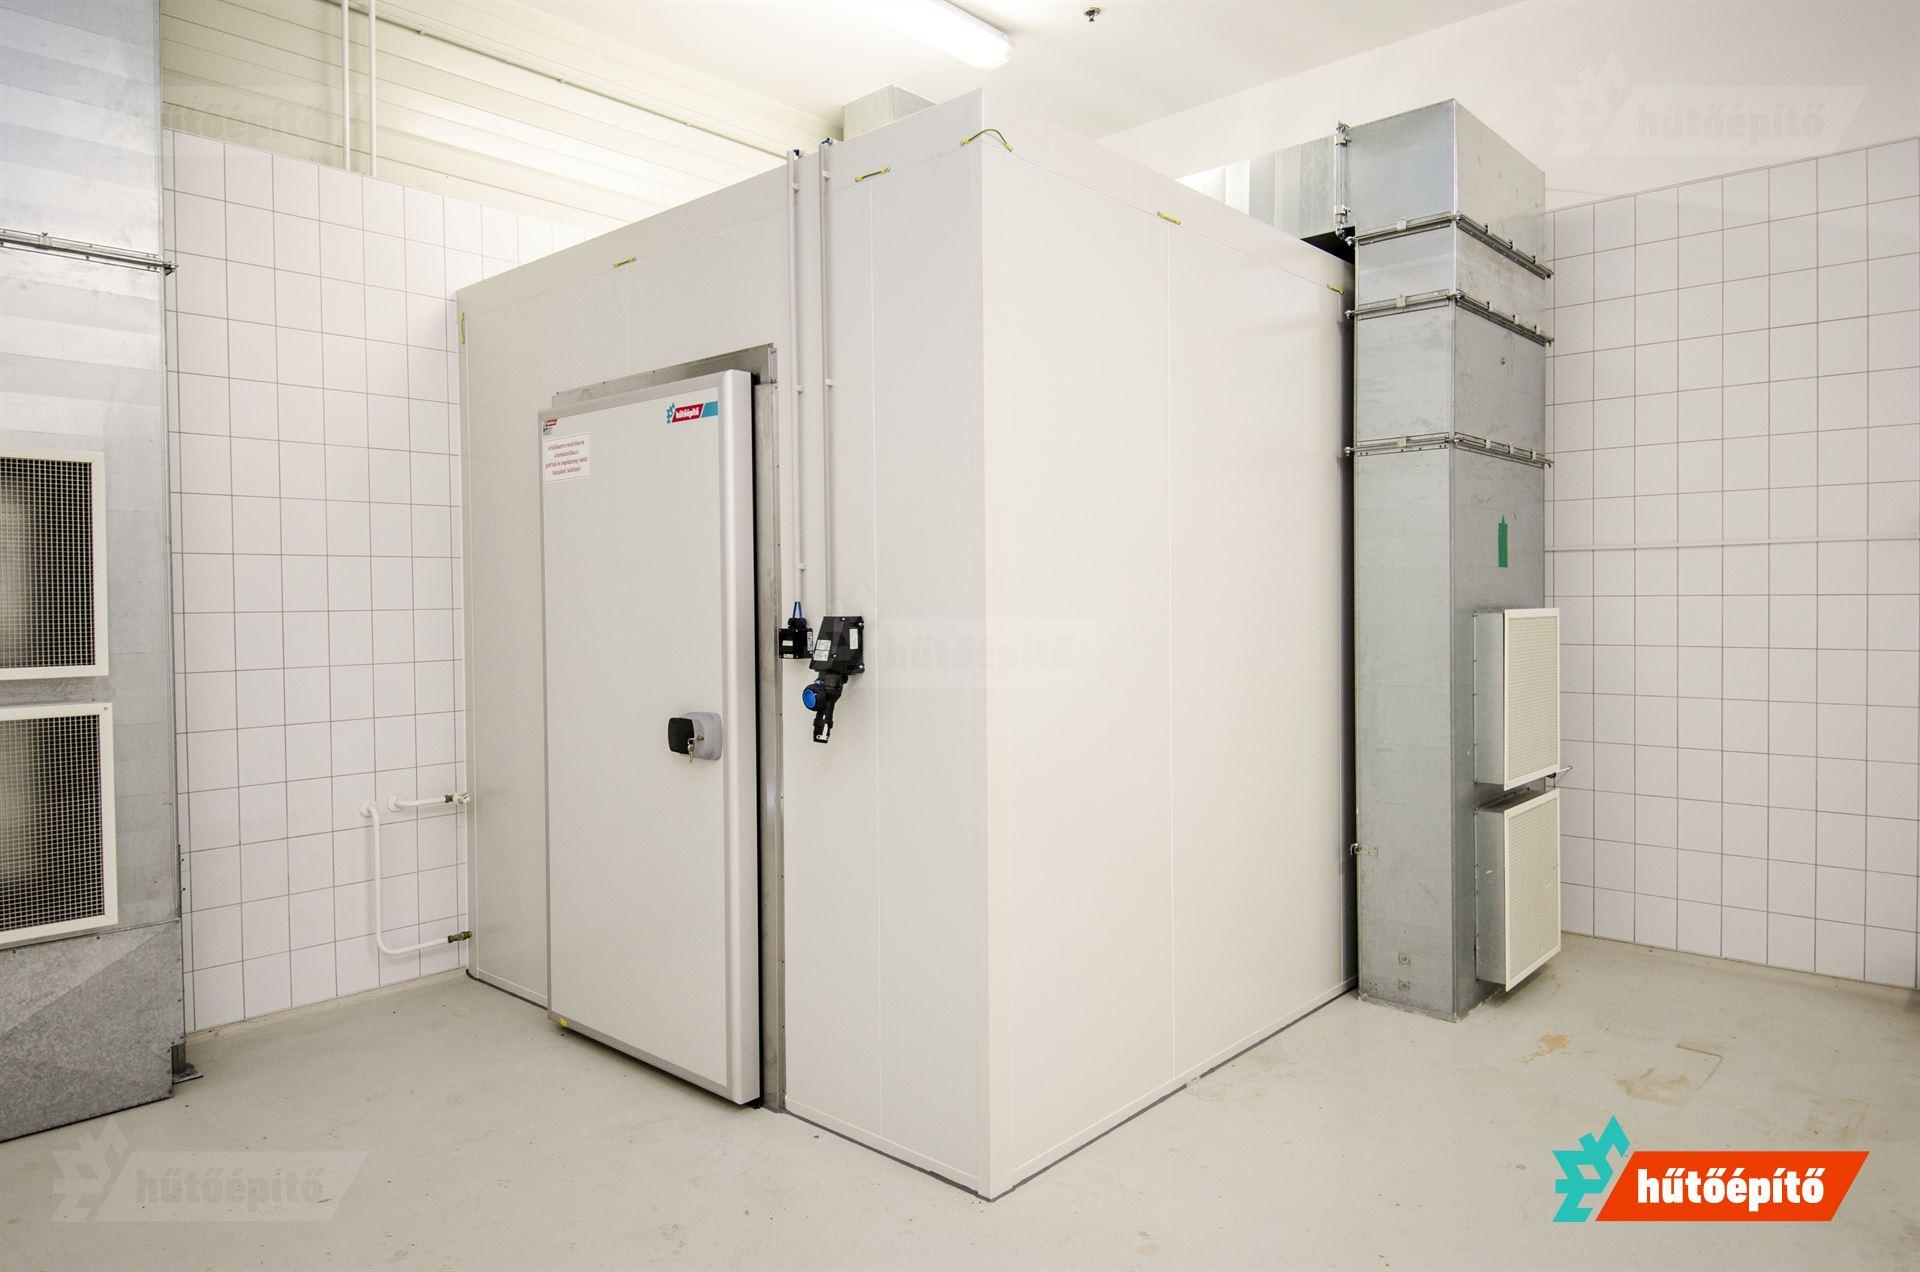 Atex robbanásbiztos hűtőkamra